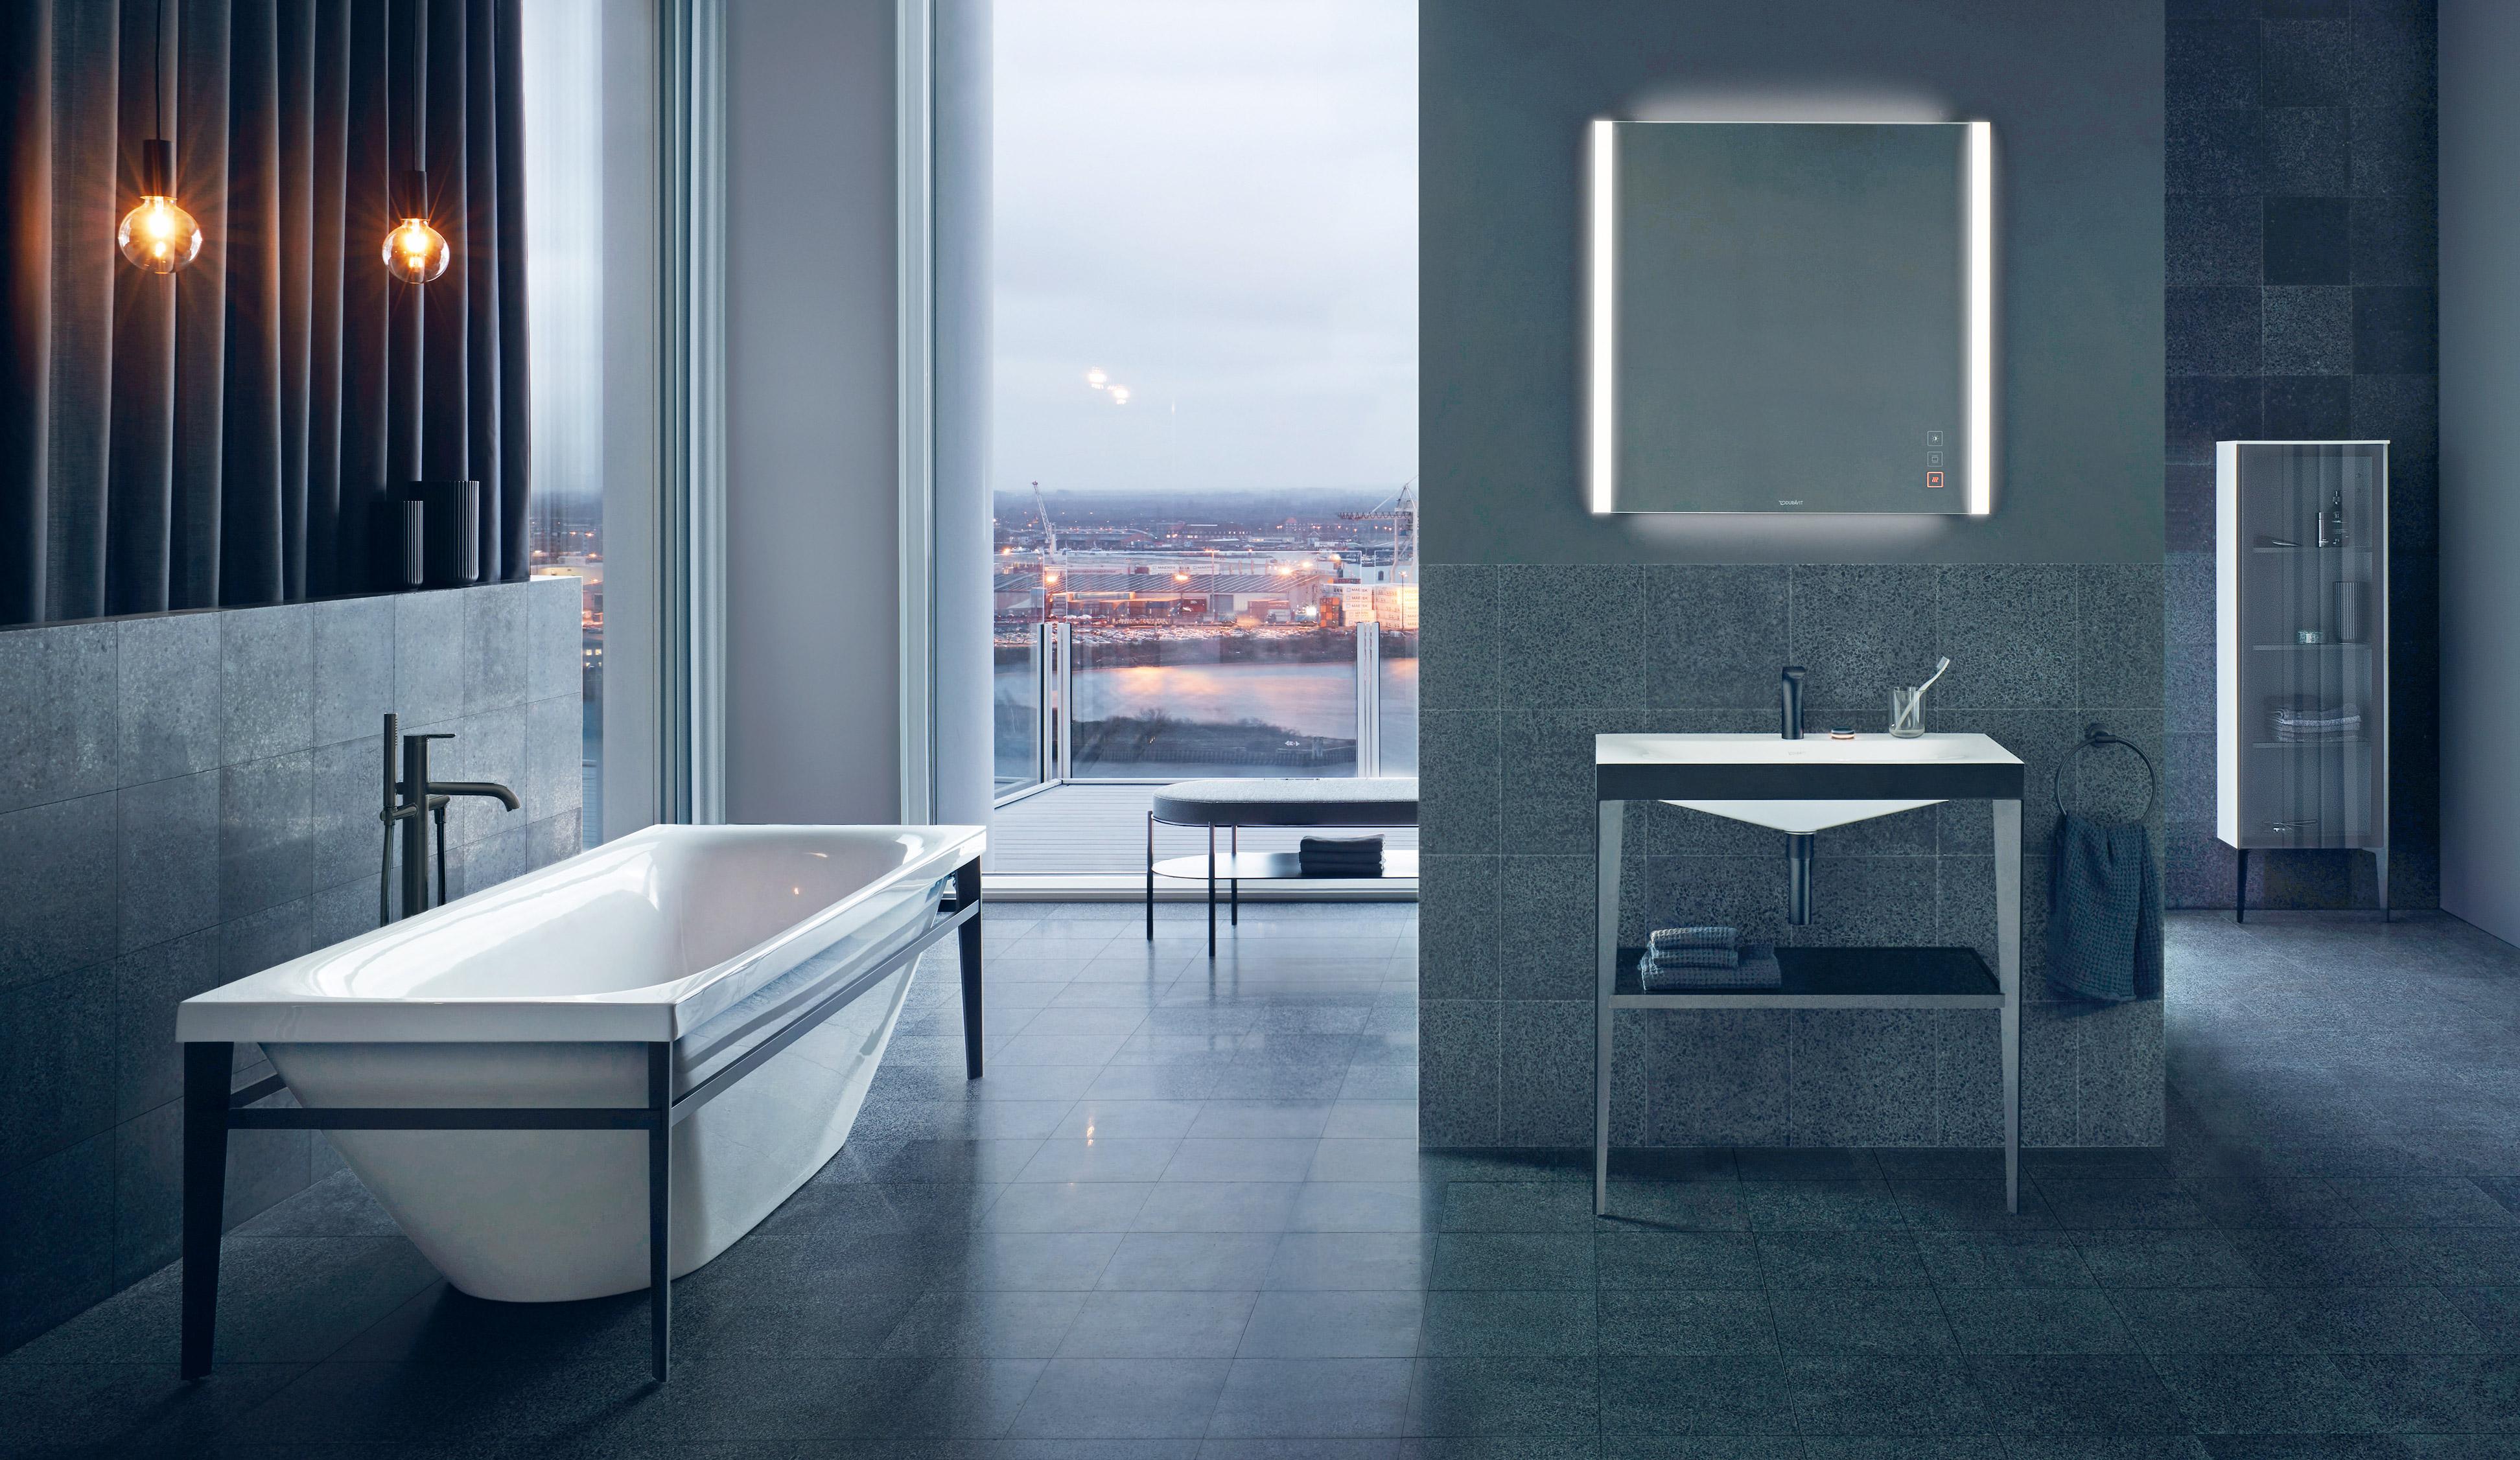 Vasche Da Bagno Duravit Prezzi : Design badmöbel badkeramik für ihr zuhause duravit